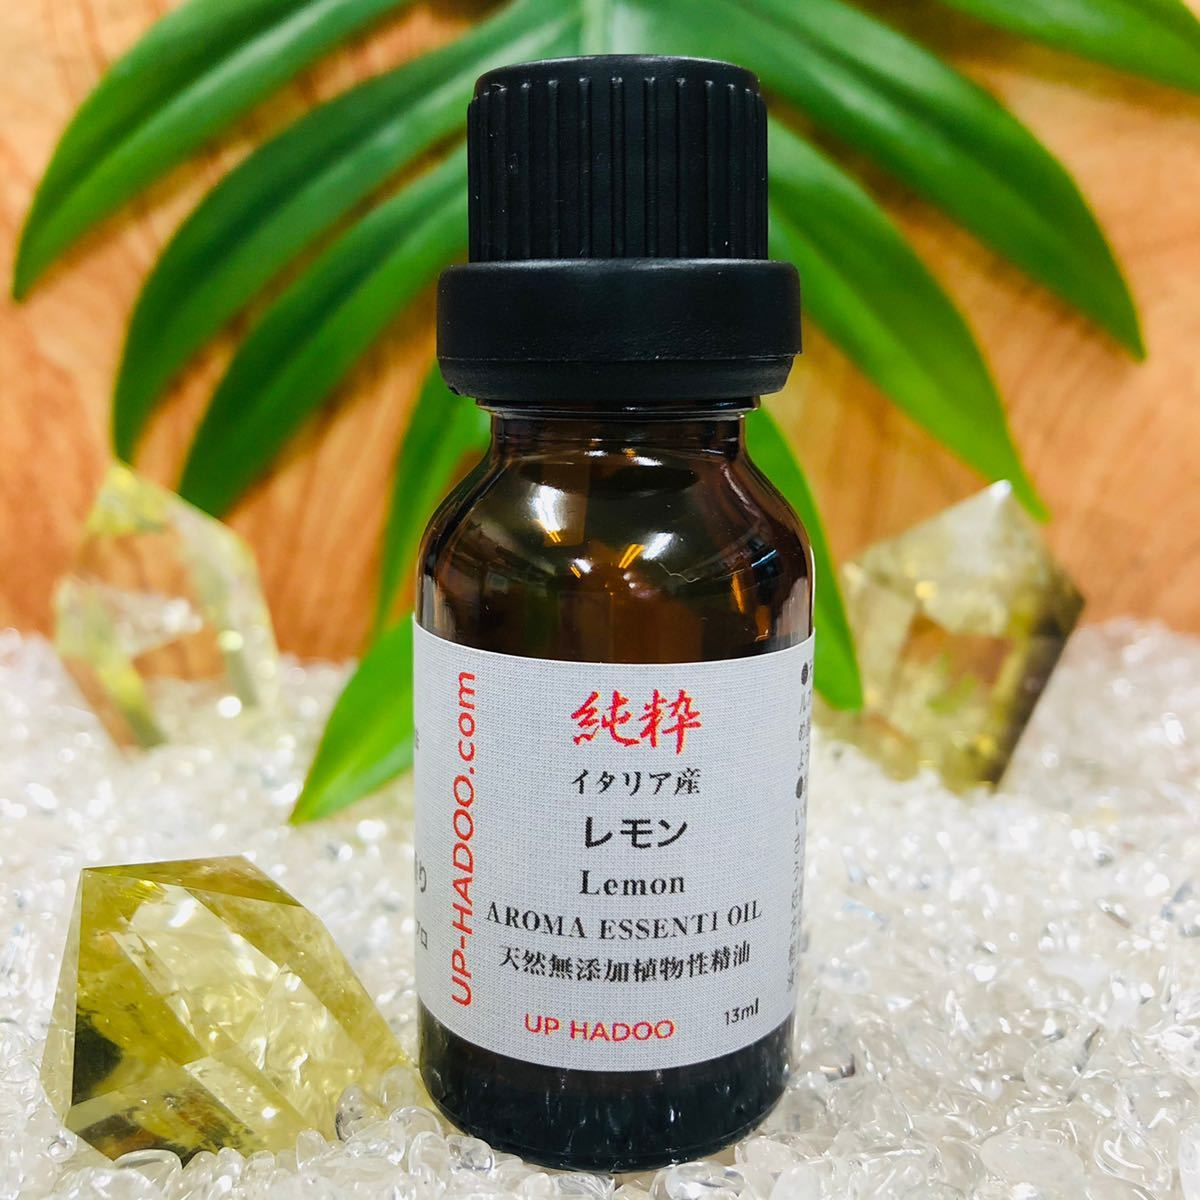 純粋レモン 13ml エッセンシャルオイル イタリア産 爽やかな香り UP HADOO 精油 アロマオイル